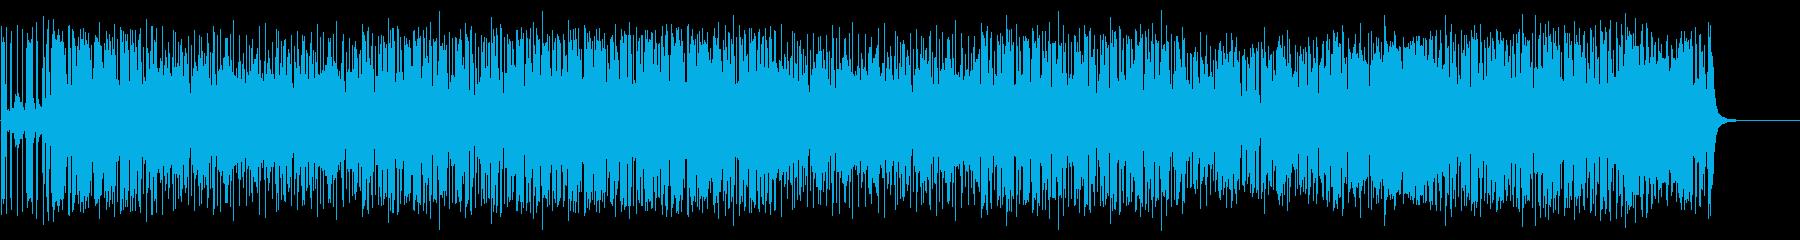 ショートBGM:ファンク(フル版)の再生済みの波形